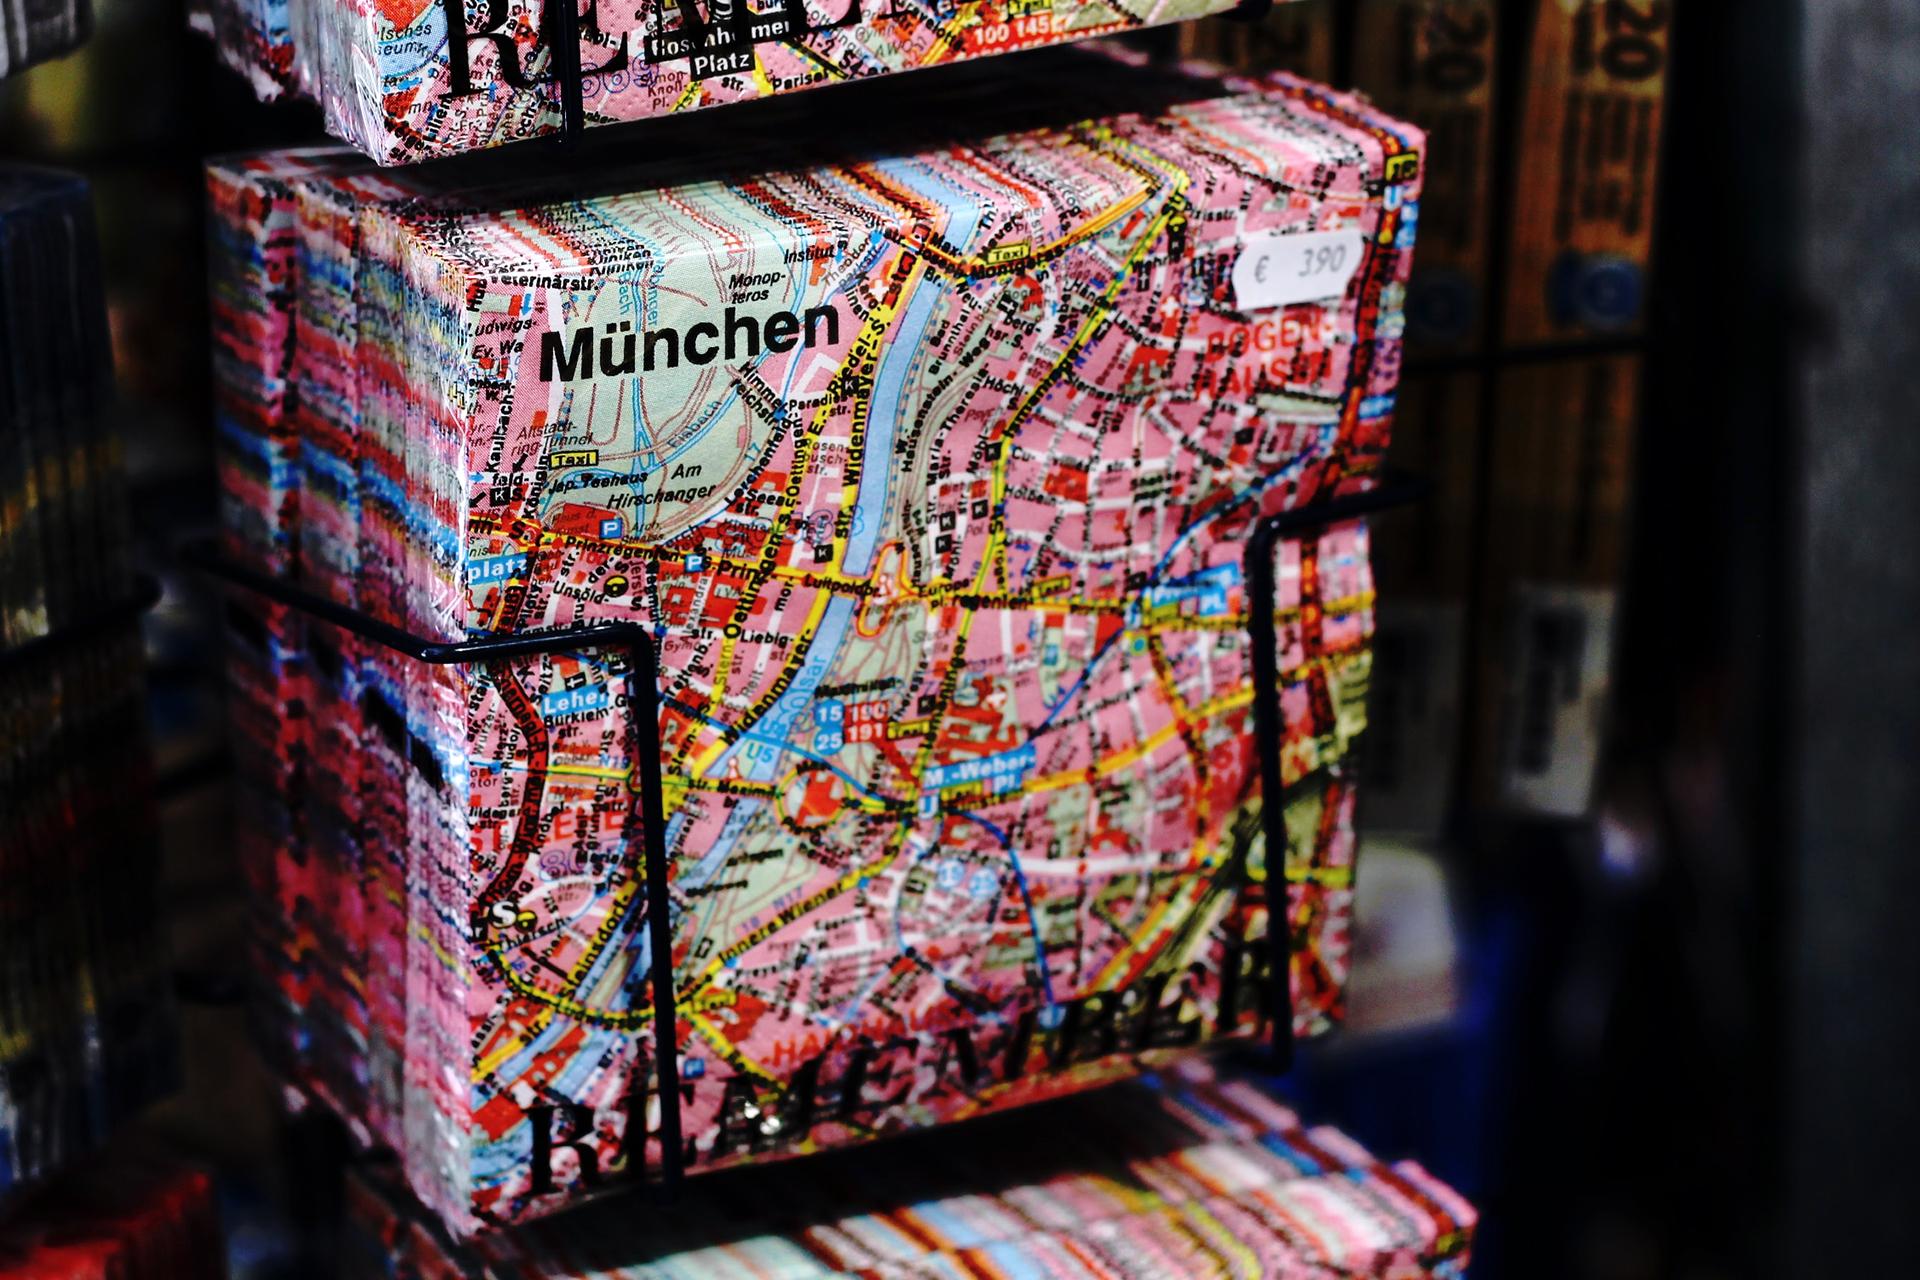 Überteuertes und plastikverpacktes, ansonsten aber nützliches Mitbringsel für München-Freunde